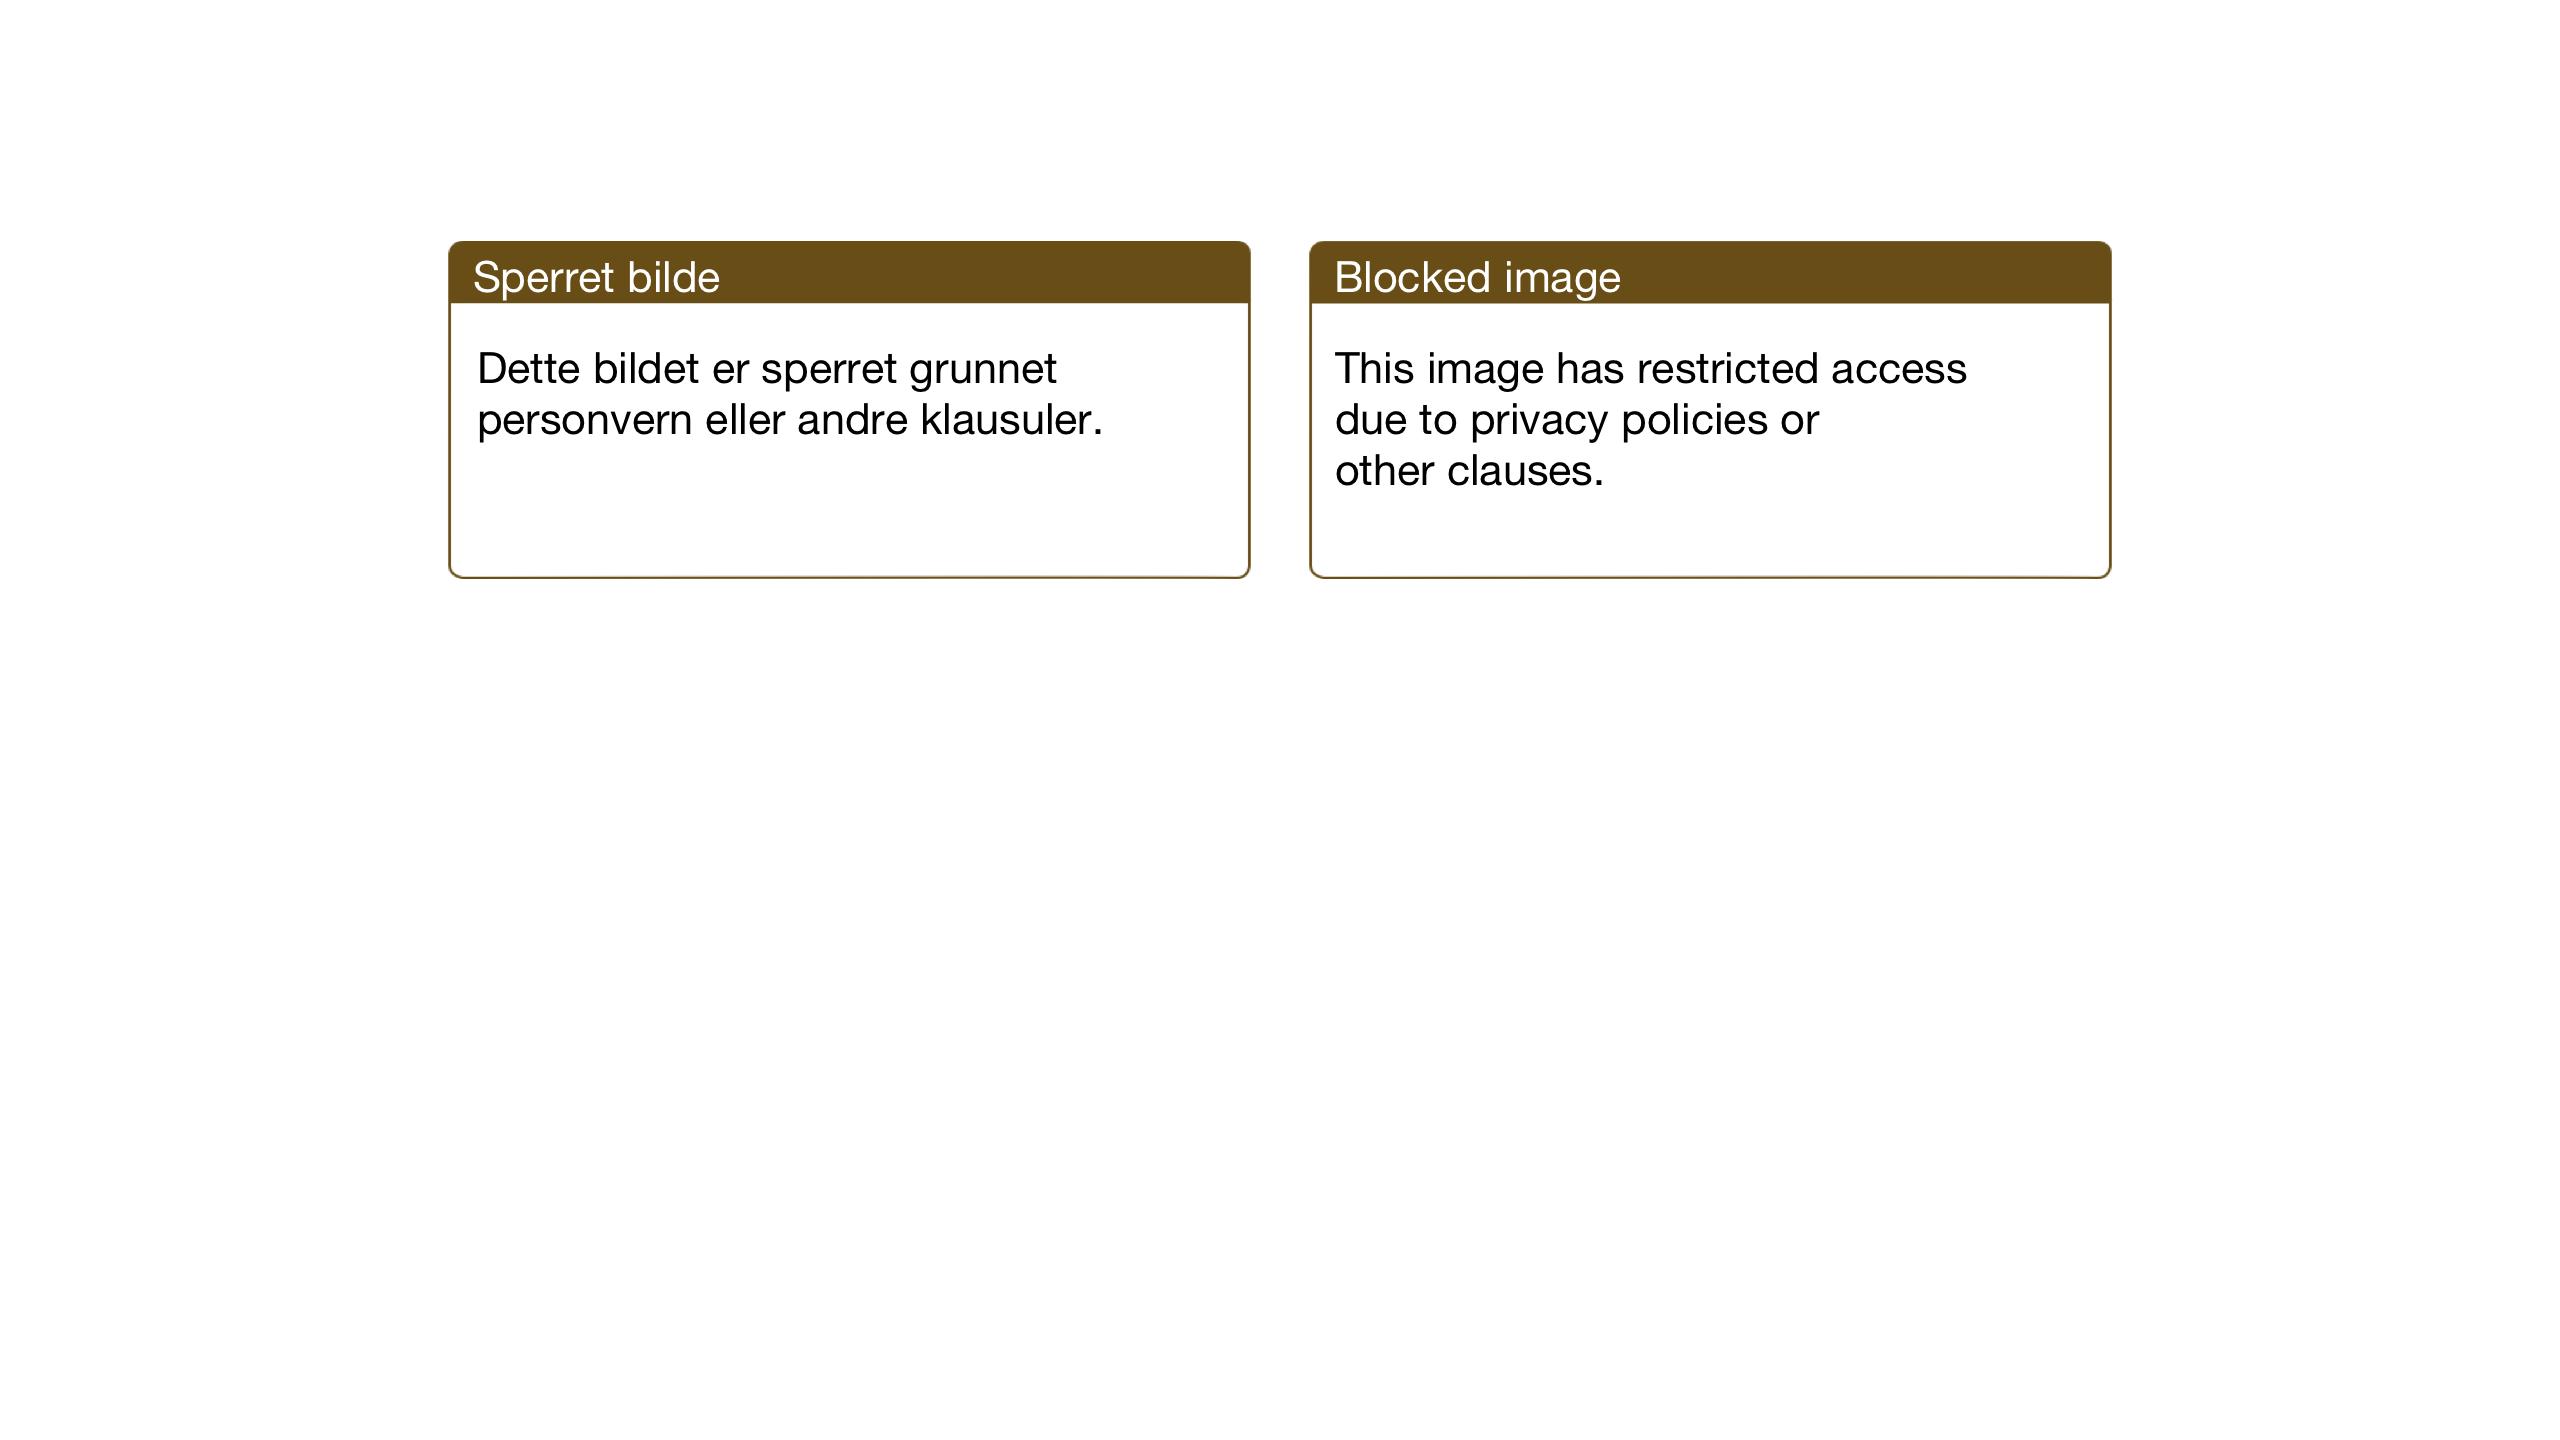 SAT, Ministerialprotokoller, klokkerbøker og fødselsregistre - Nord-Trøndelag, 741/L0403: Ministerialbok nr. 741C04, 1925-1944, s. 105